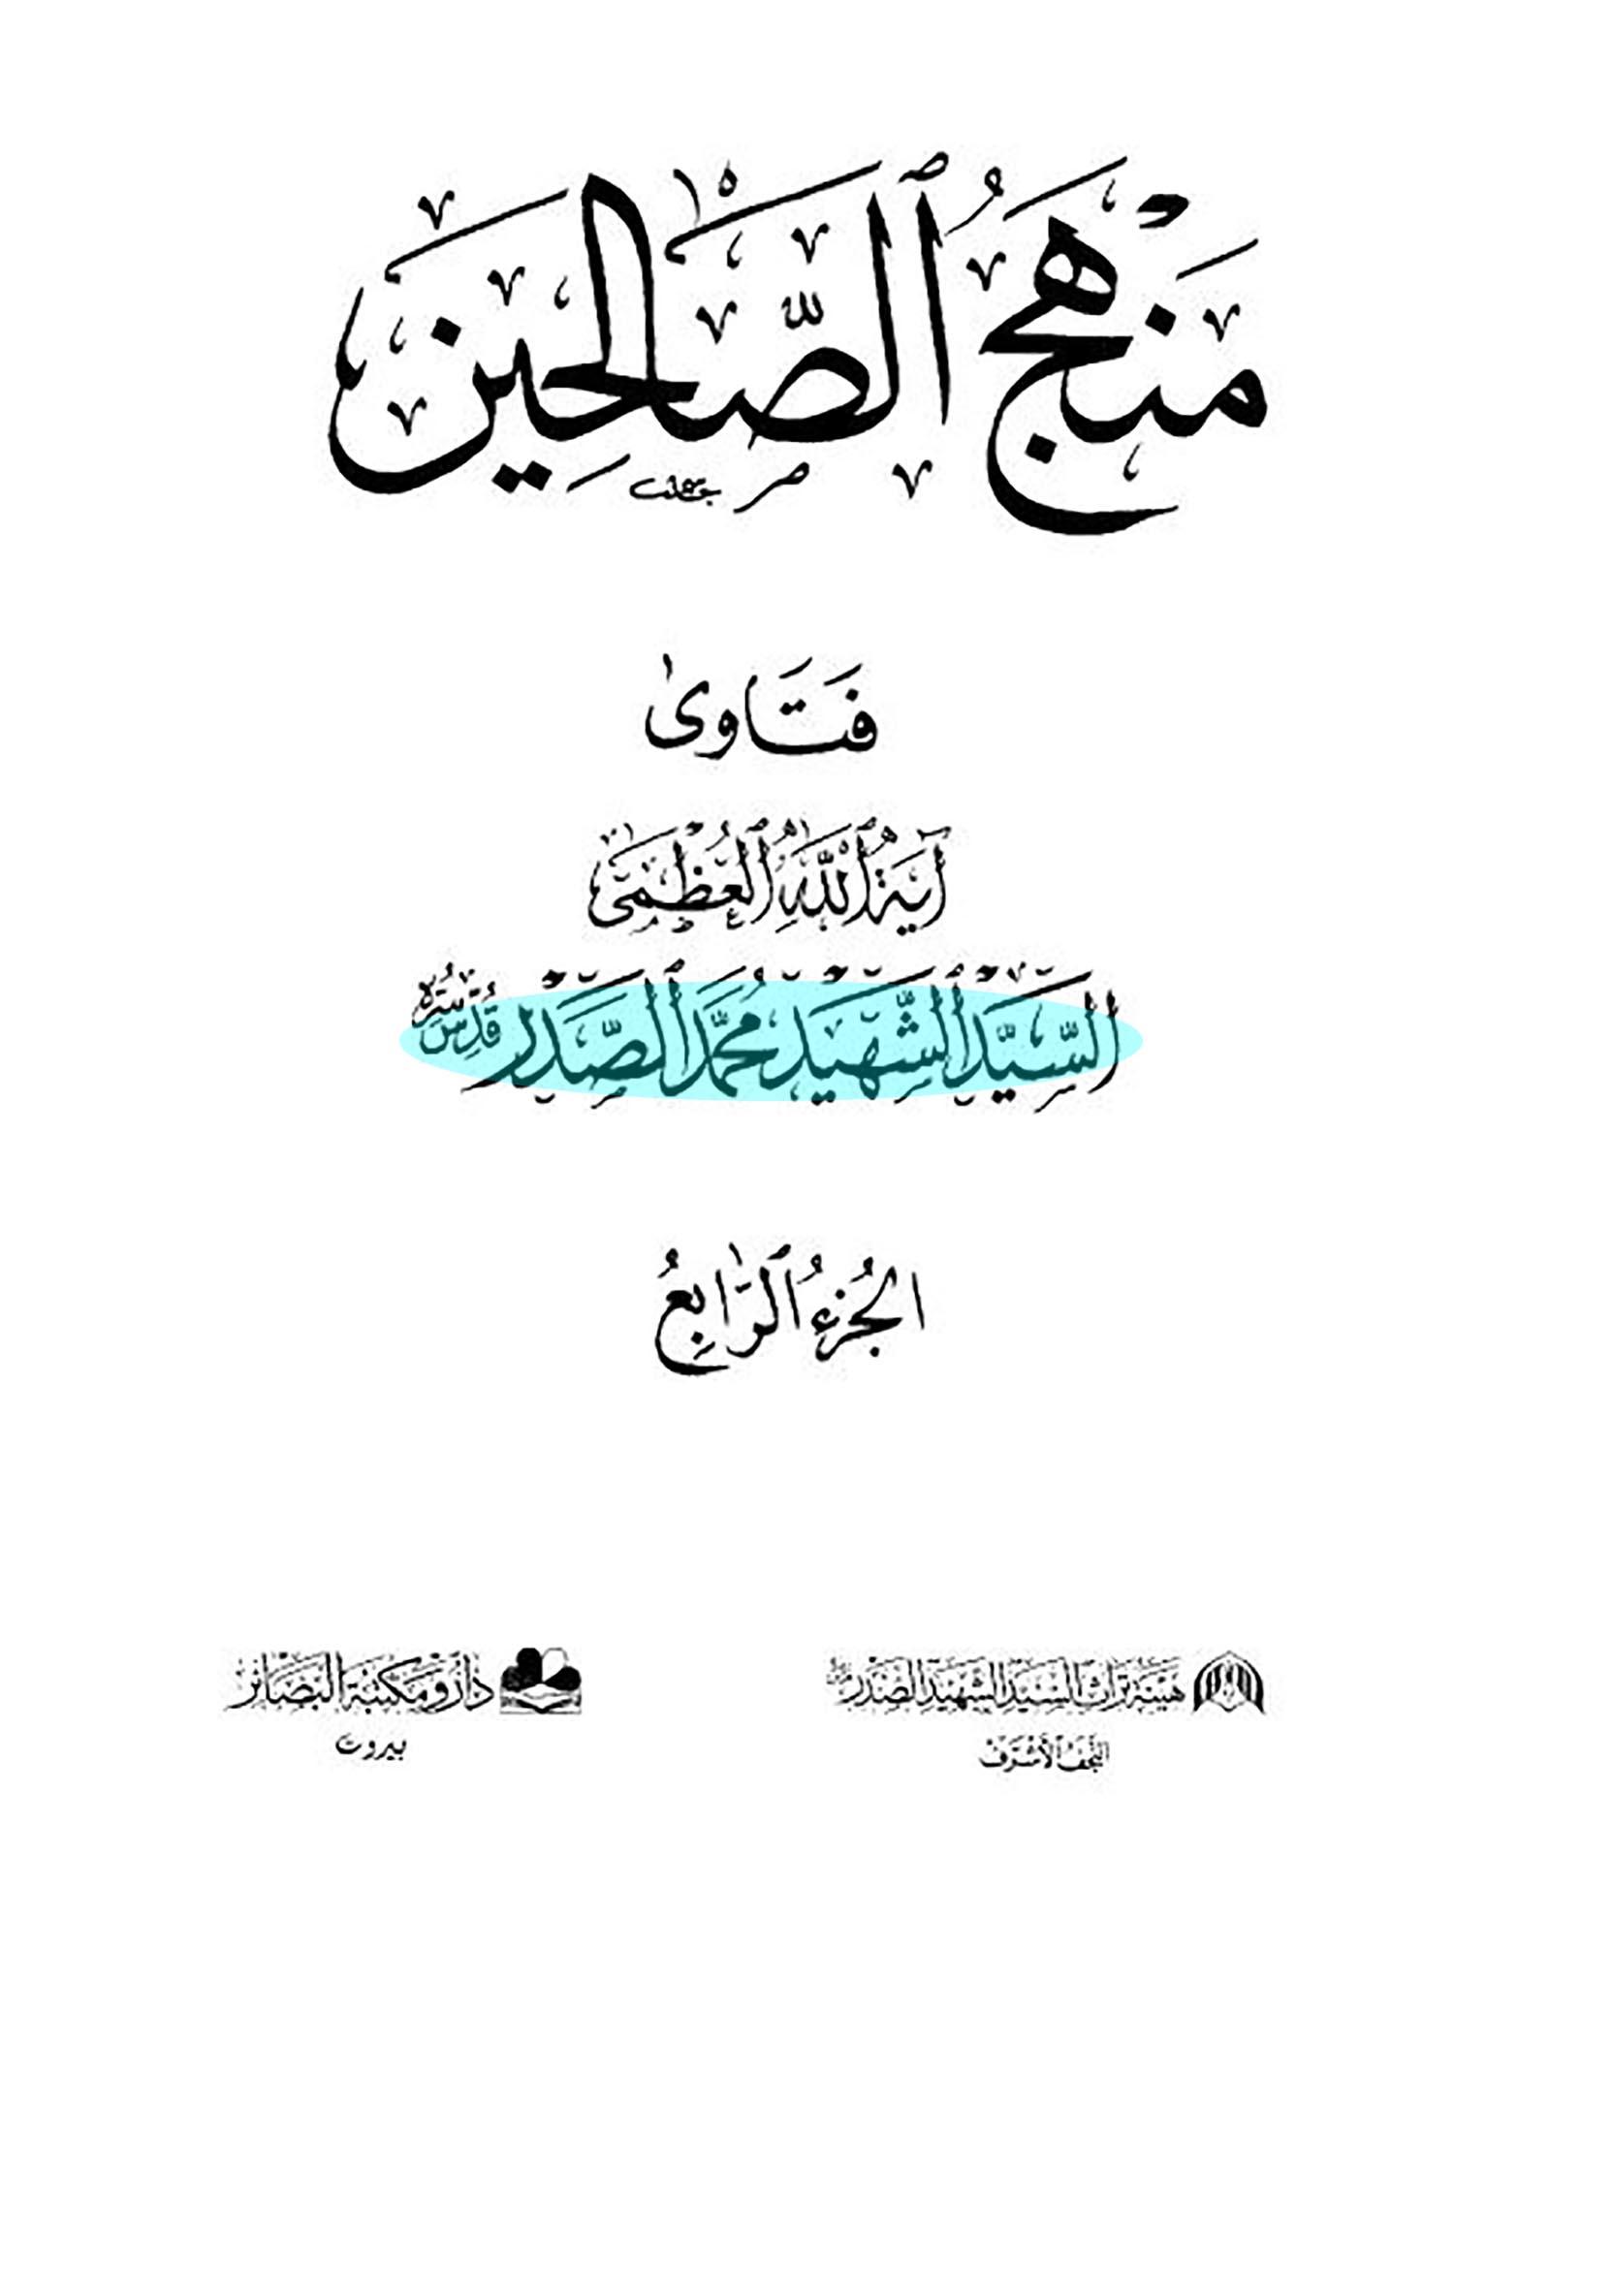 الاســـم:منهاج الصالحين ج4 غلافلمحمد محمد صد.JPG المشاهدات: 3212 الحجـــم:171.8 كيلوبايت